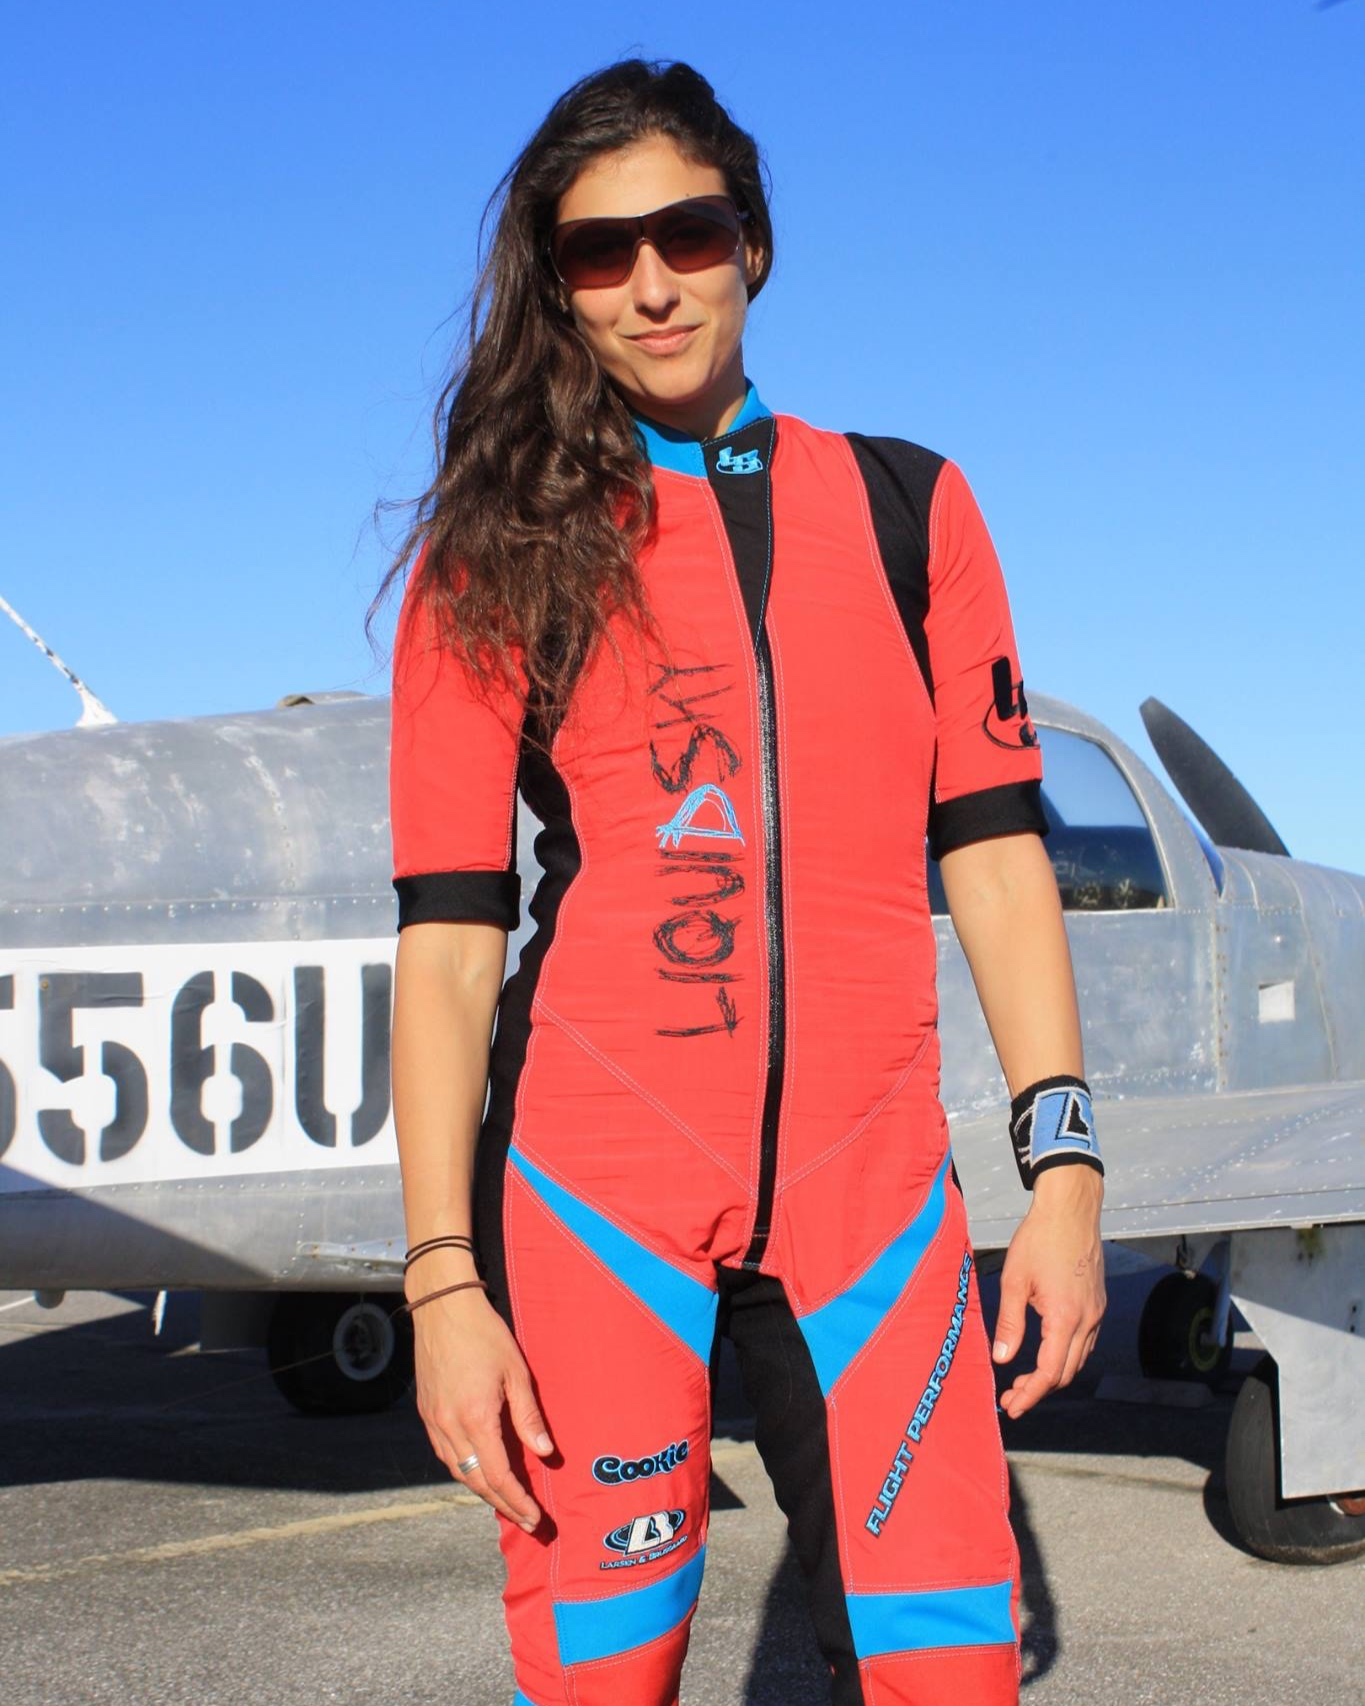 Sharon Har-Noy Pilcher - 7,000 Skydives4 World Records4 National TitlesRepresenting Israel